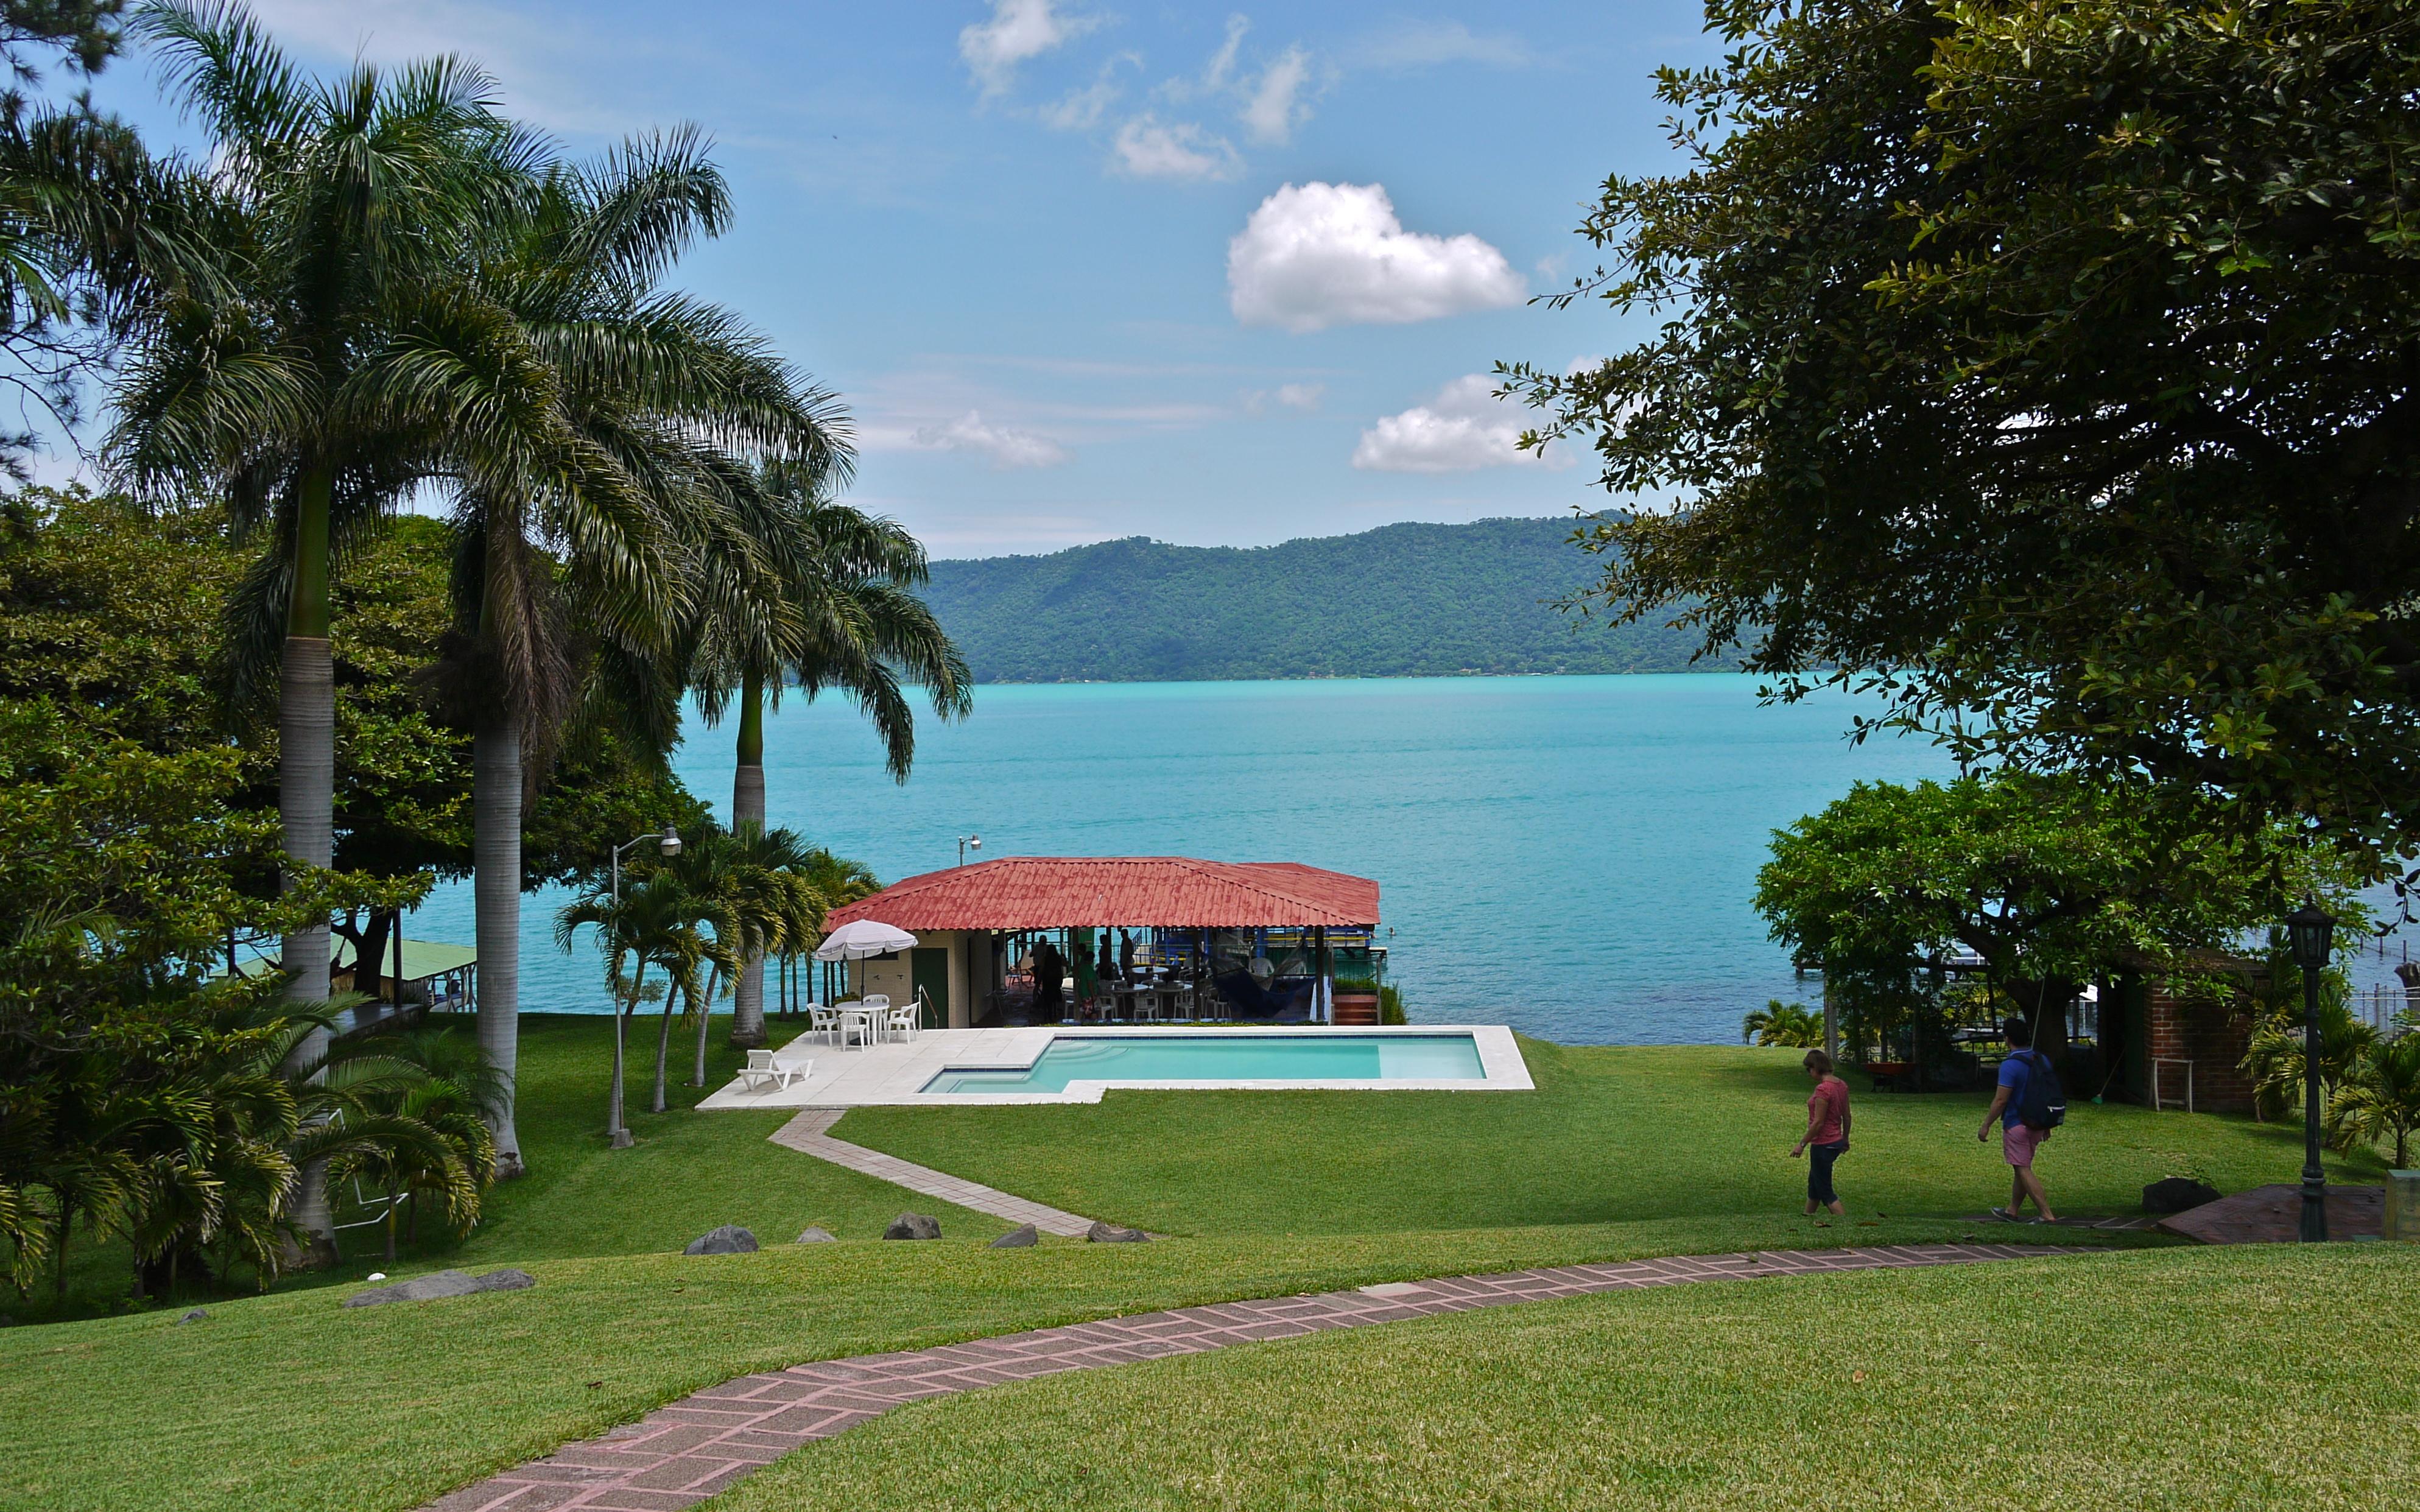 Lake Coatepeque El Salvador